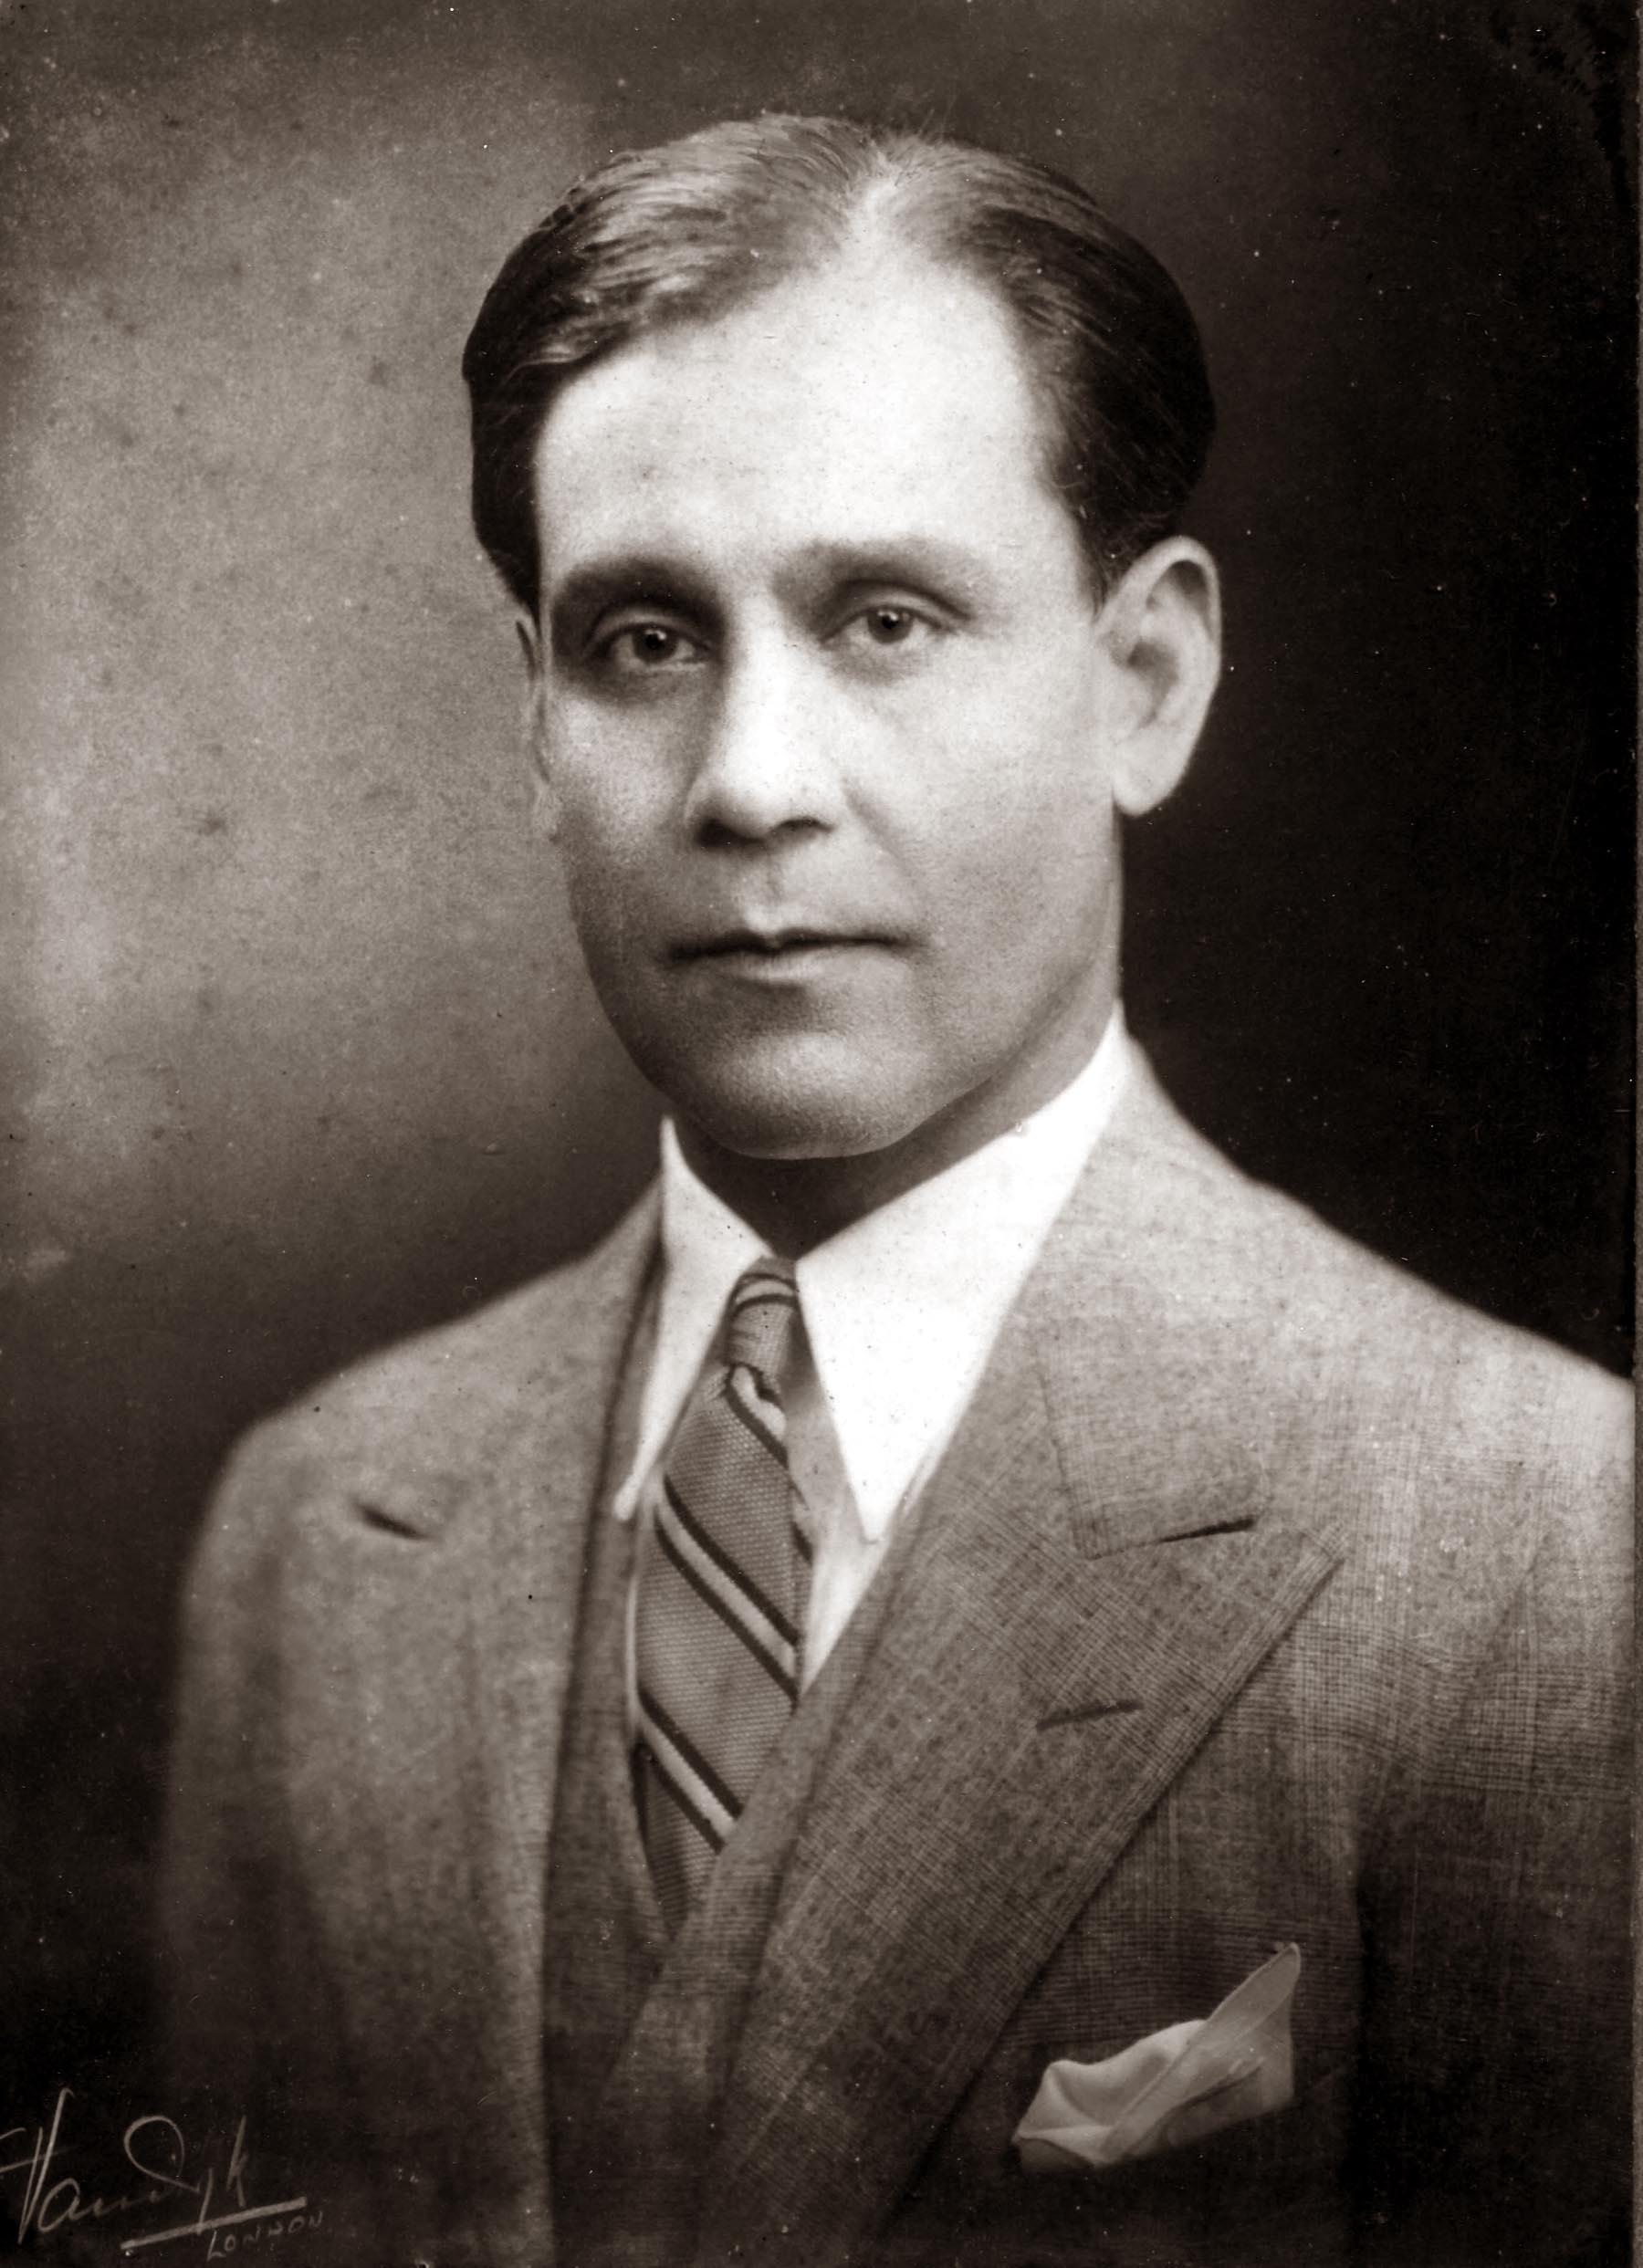 13 अगस्त 1947 : अवध, भोपाल और हैदराबाद ने कहा वो भारत में नहीं मिलेंगे